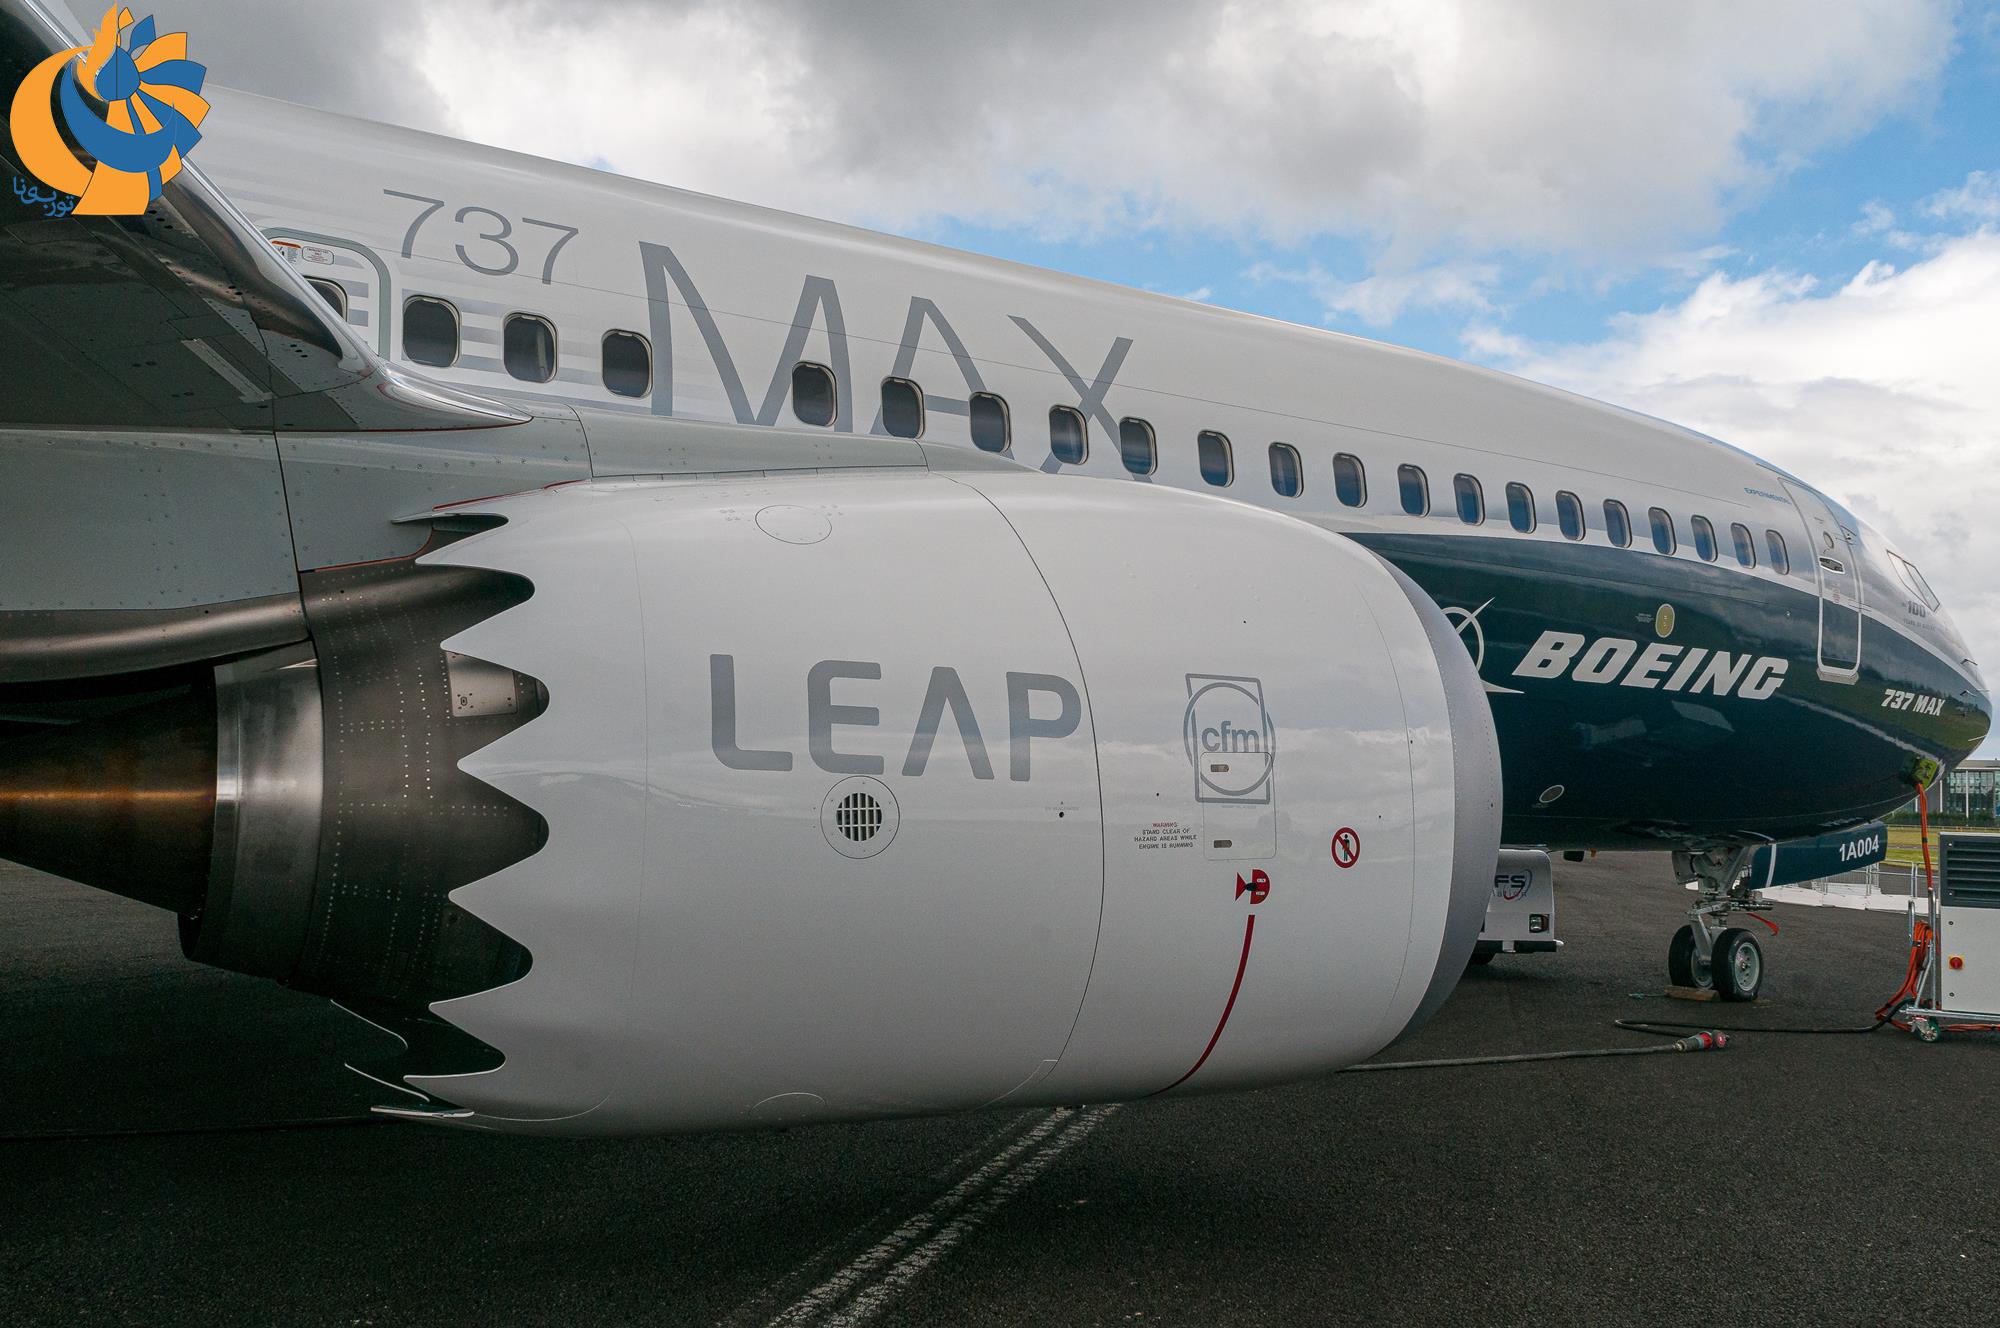 تداوم تولید موتورهای Leap-1B برای هواپیماهای زمینگیر شده بوئینگ Max 737